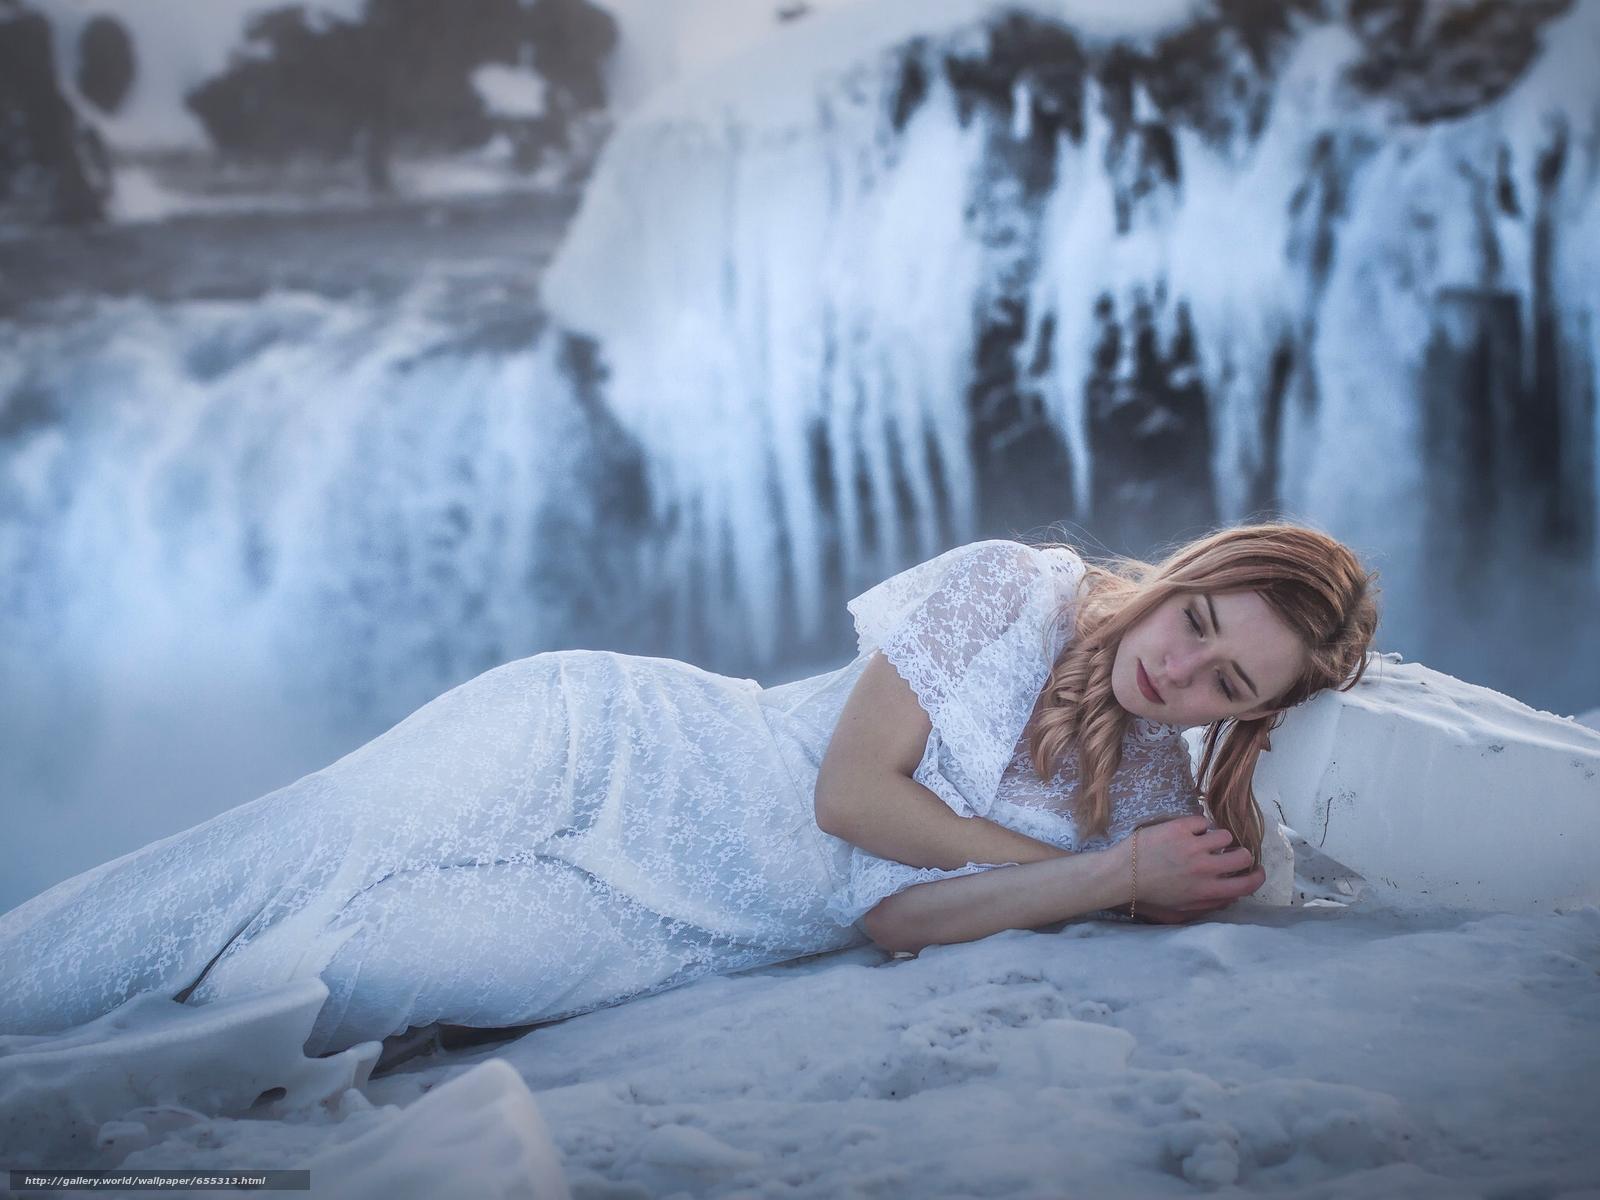 pobra tapety dziewczyna,  model,  ubierać,  Islandia Darmowe tapety na pulpit rozdzielczoci 2048x1536 — zdjcie №655313